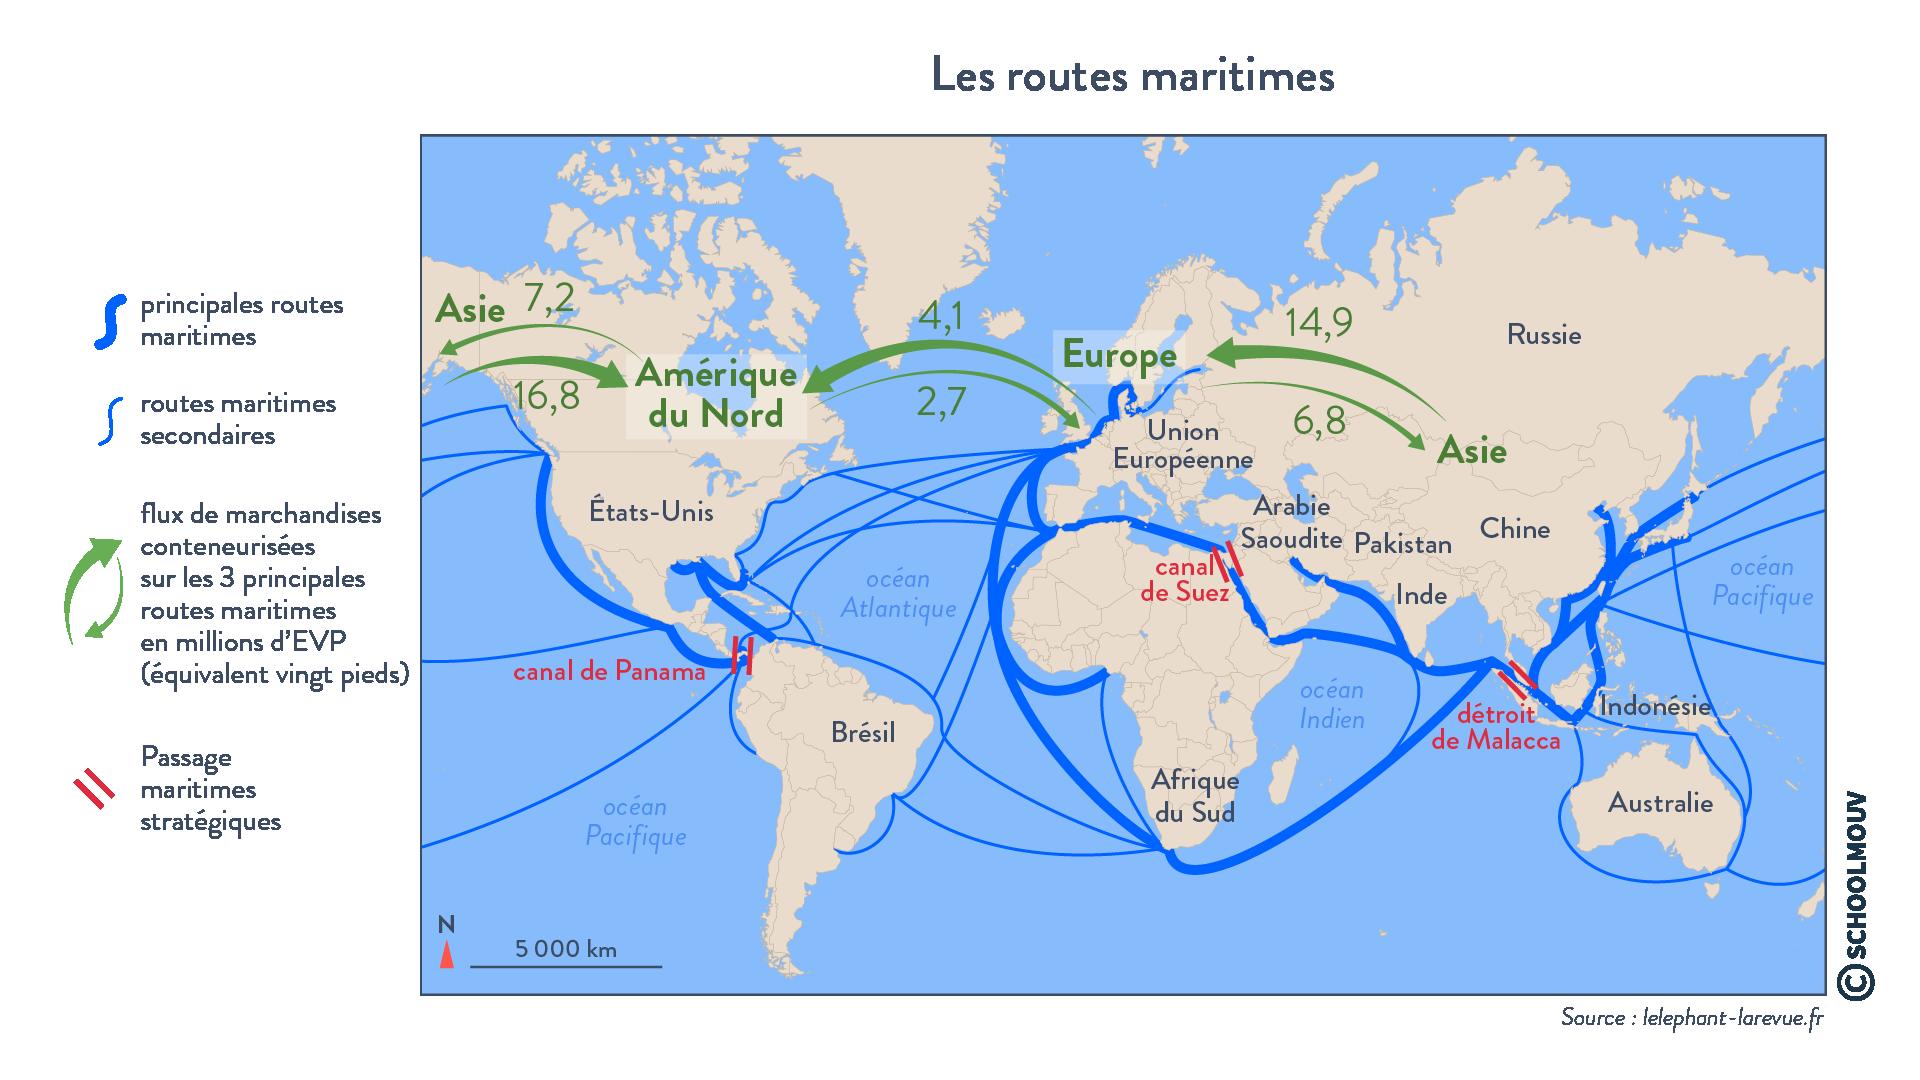 Les routes maritimes - géographie - terminale - SchoolMouv